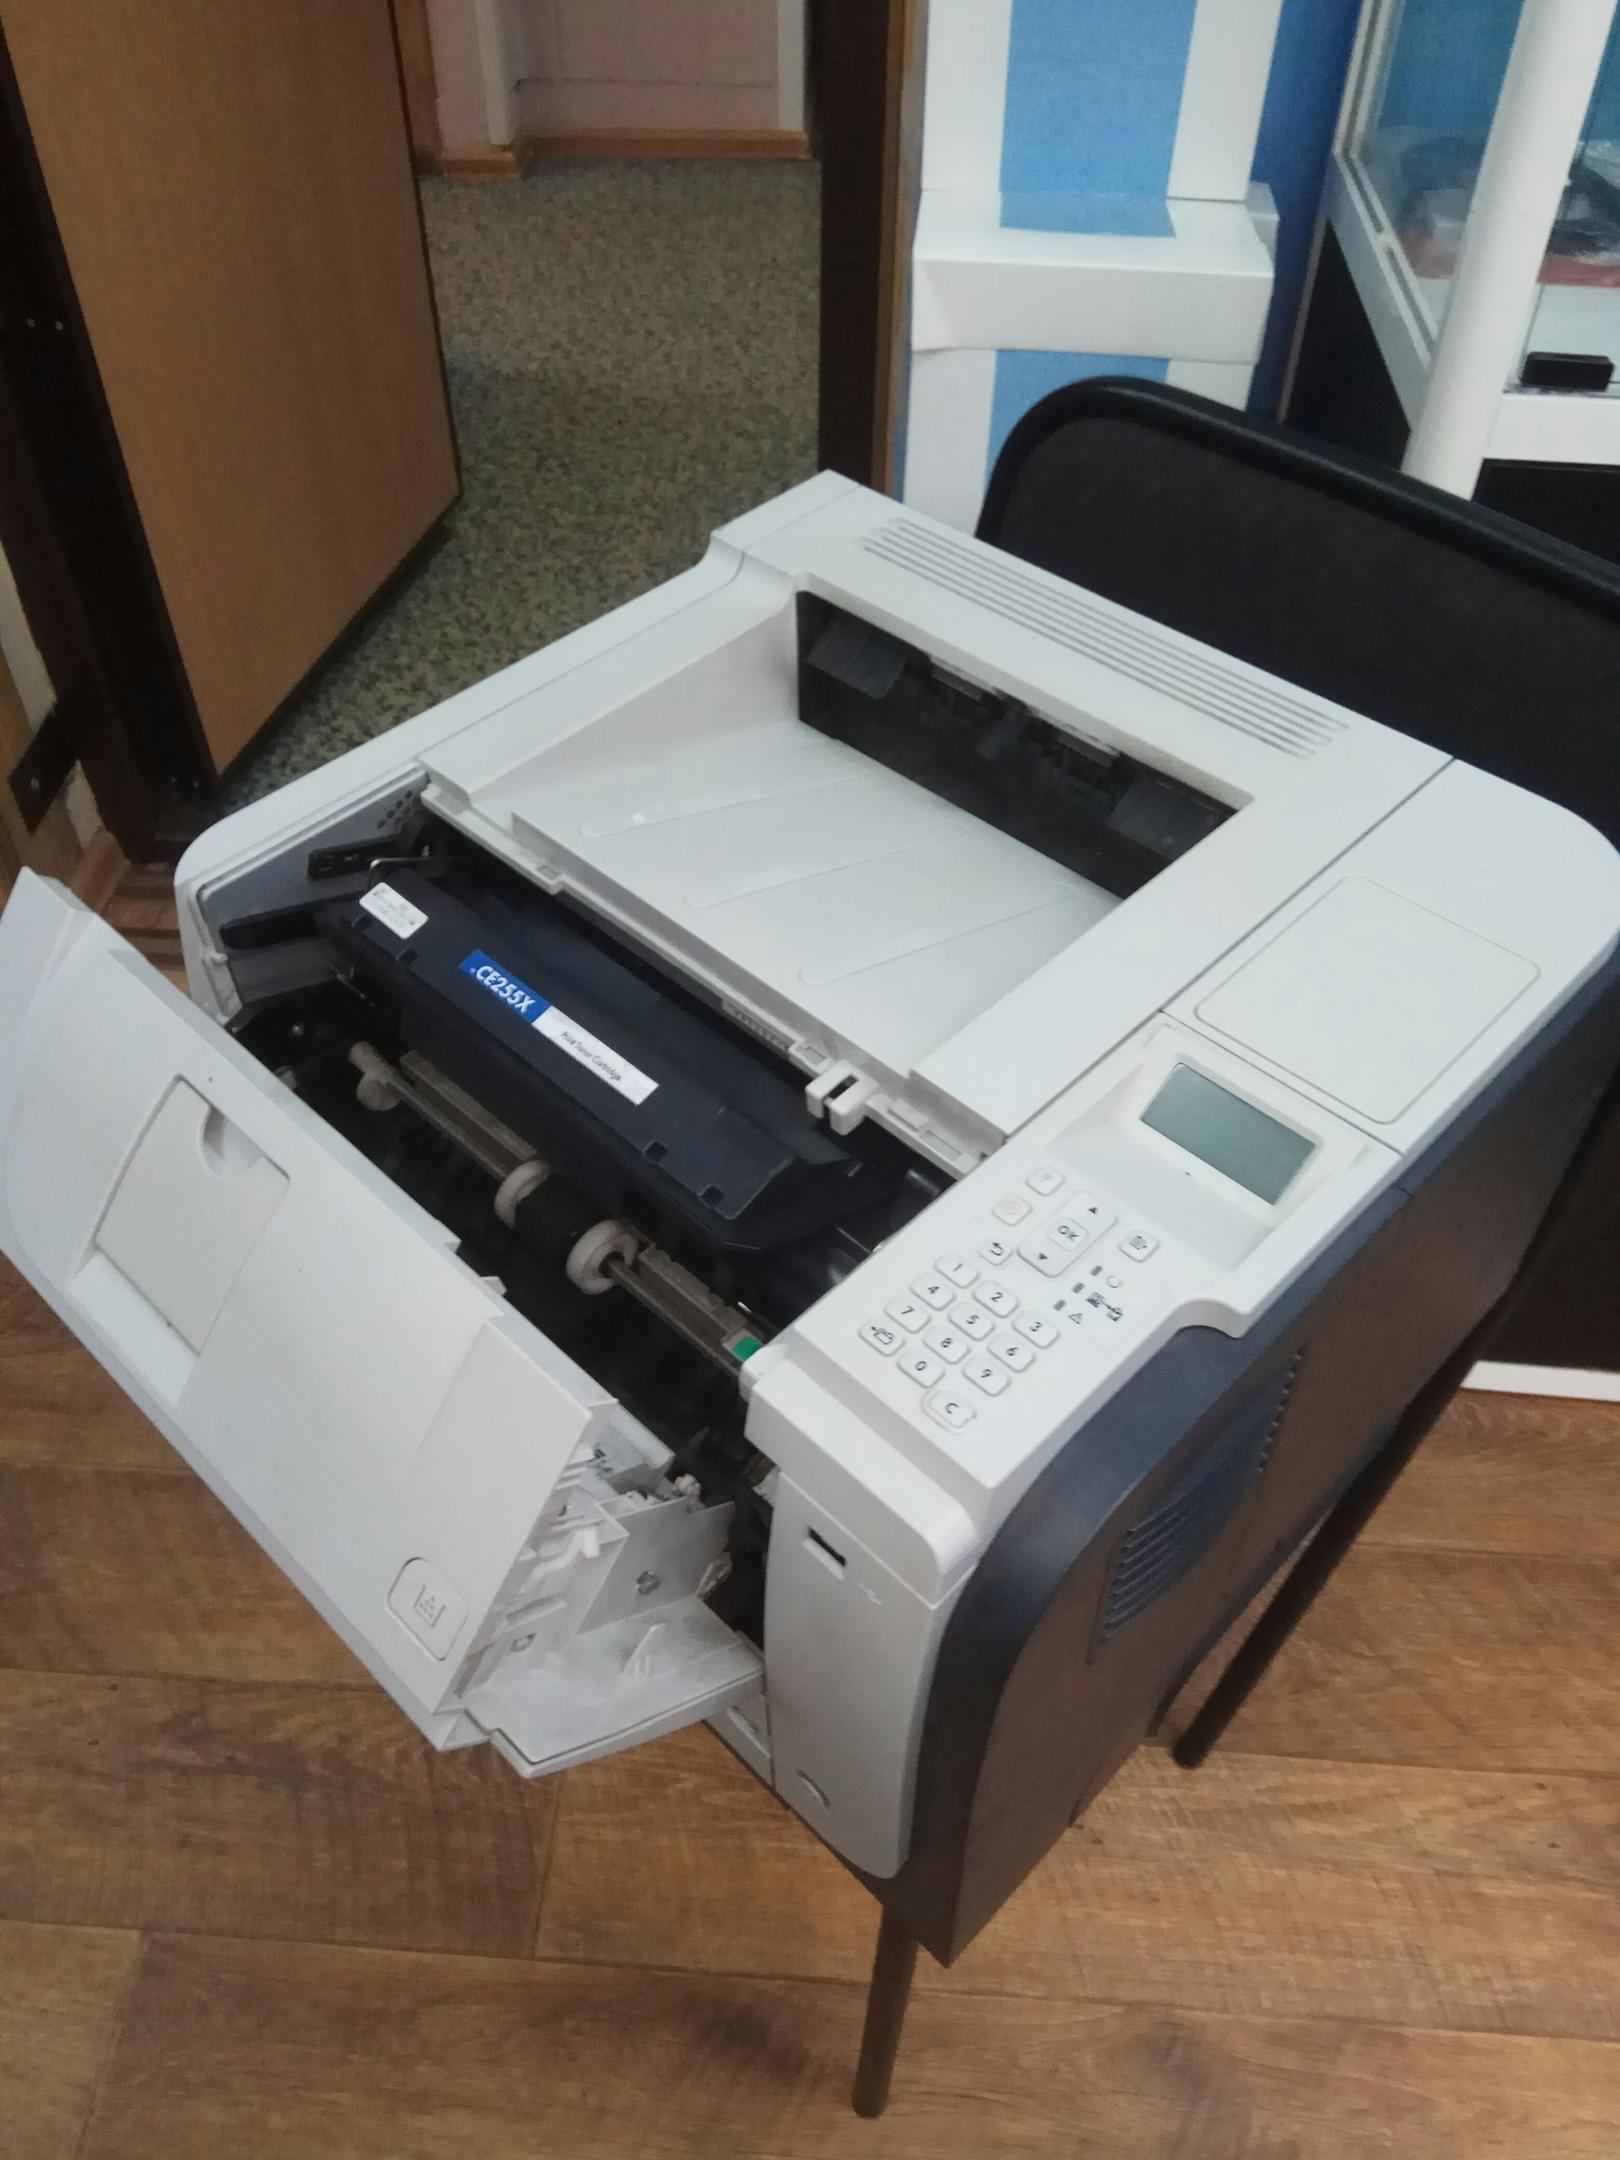 Скупка принтеров в Уфе Звоните 89174043434 куплю дороже